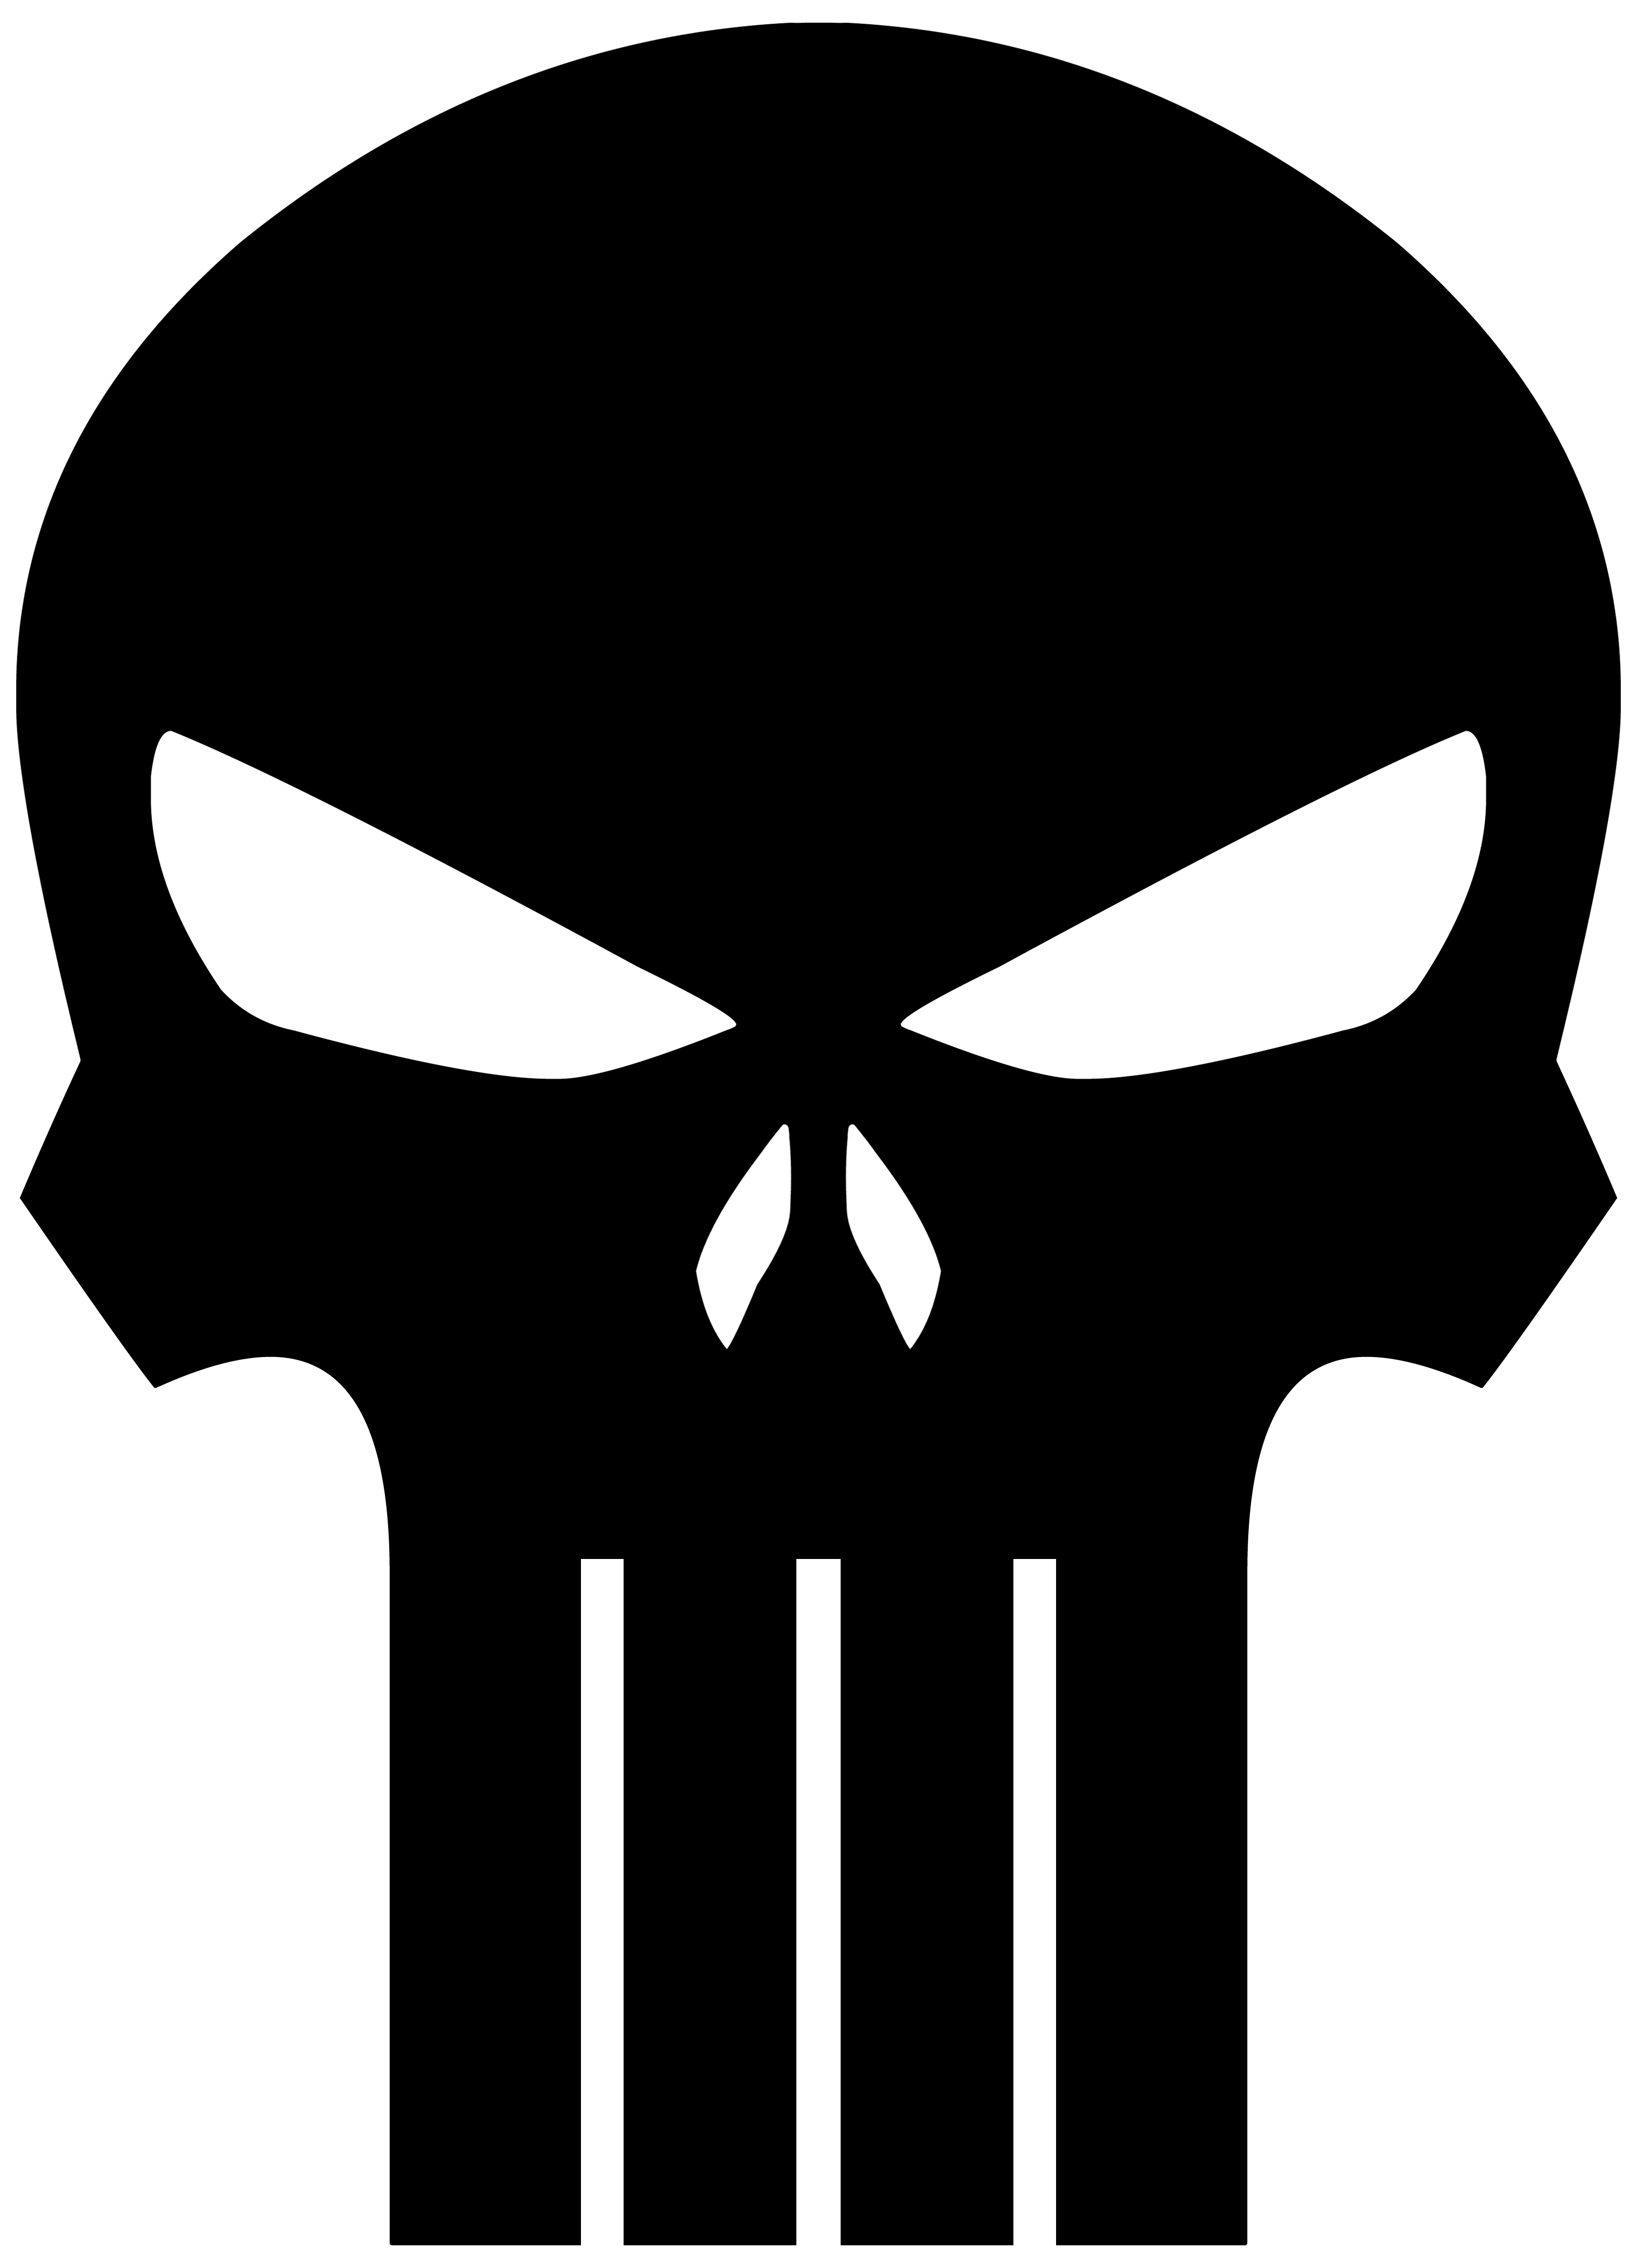 chris kyle punisher logo wallpaper wallpapersafari